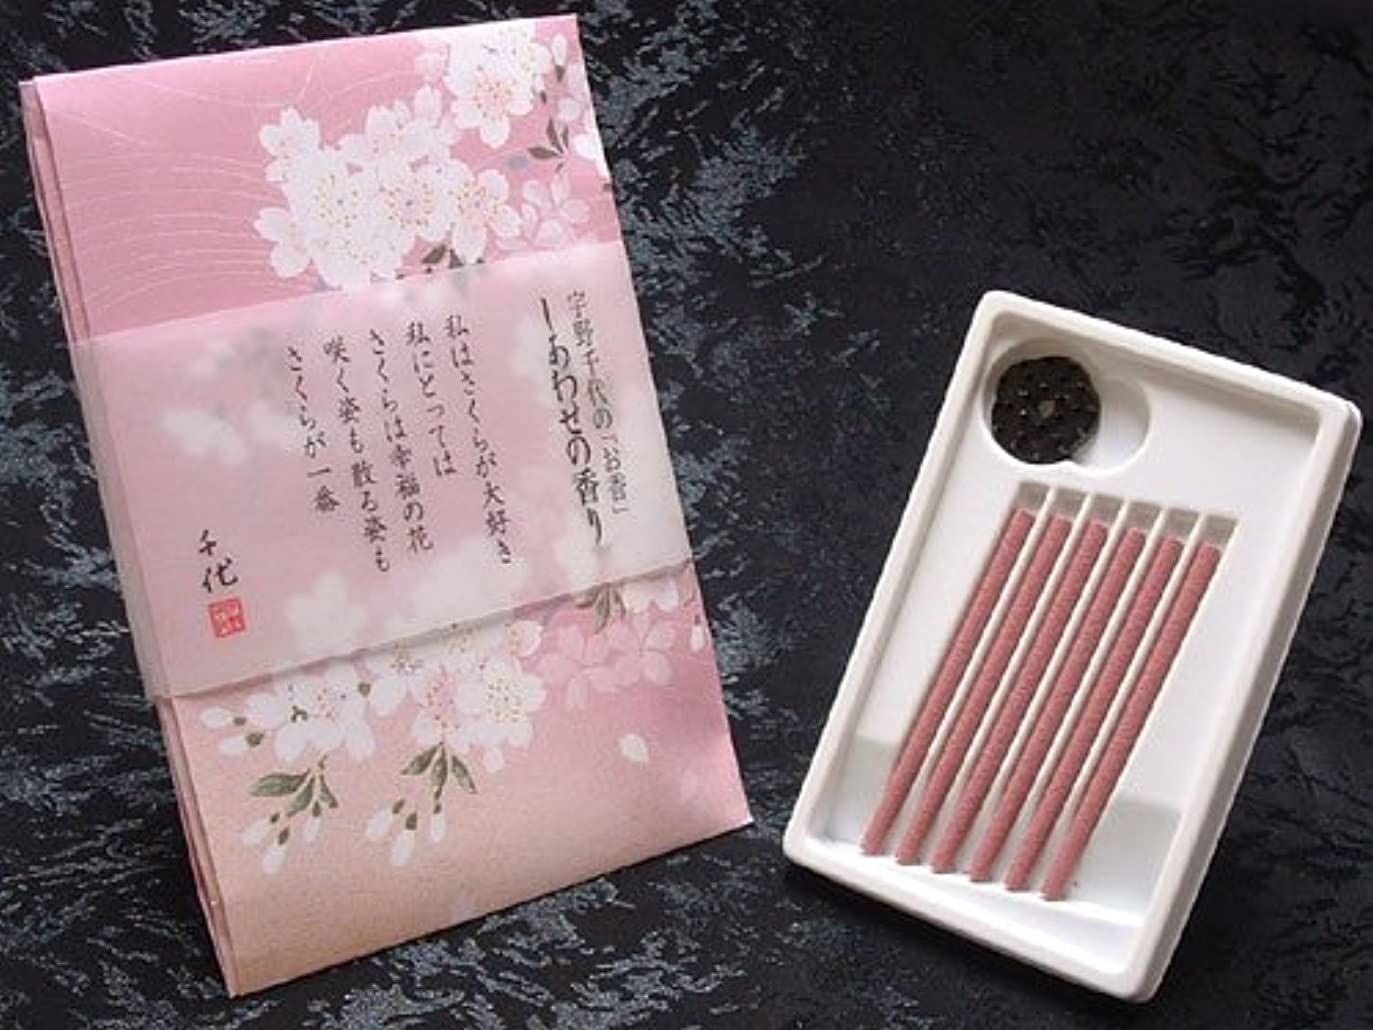 戦艦ファン無実日本香堂のお香 宇野千代 しあわせの香り スティック6本入り たとう紙